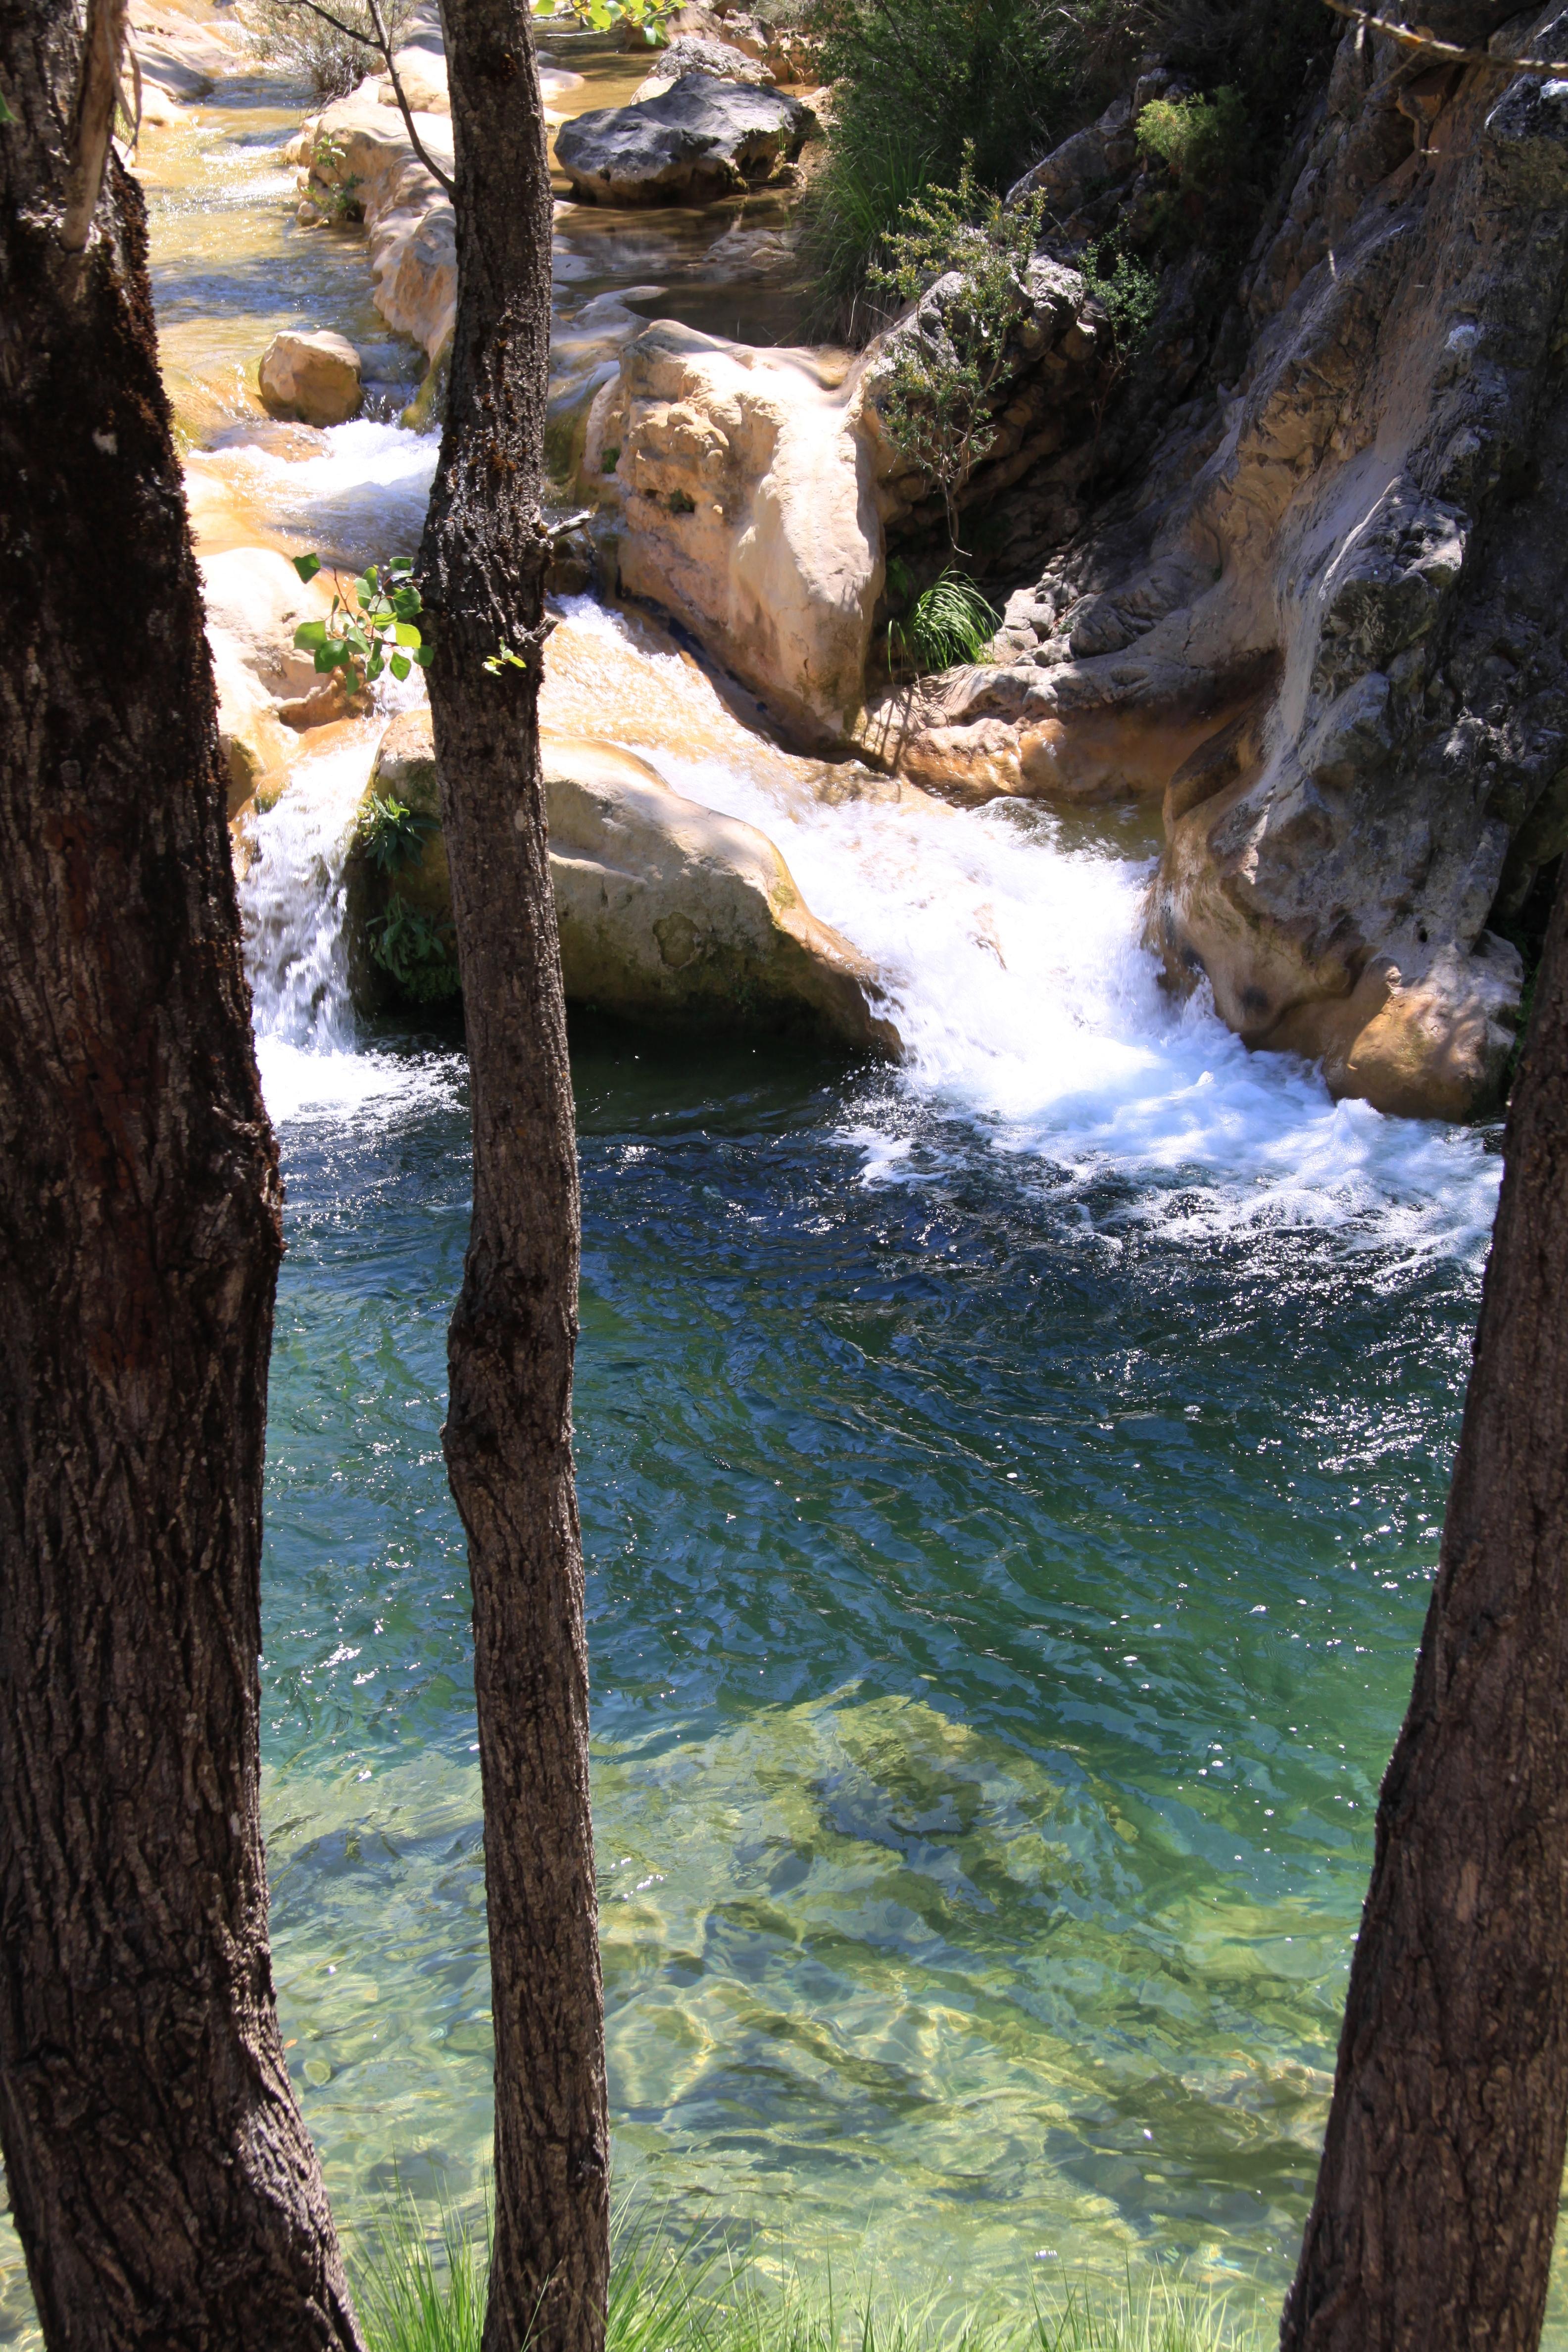 Rio_Borosa_Cazorla_Natural_Park_www.andrewforbes.com